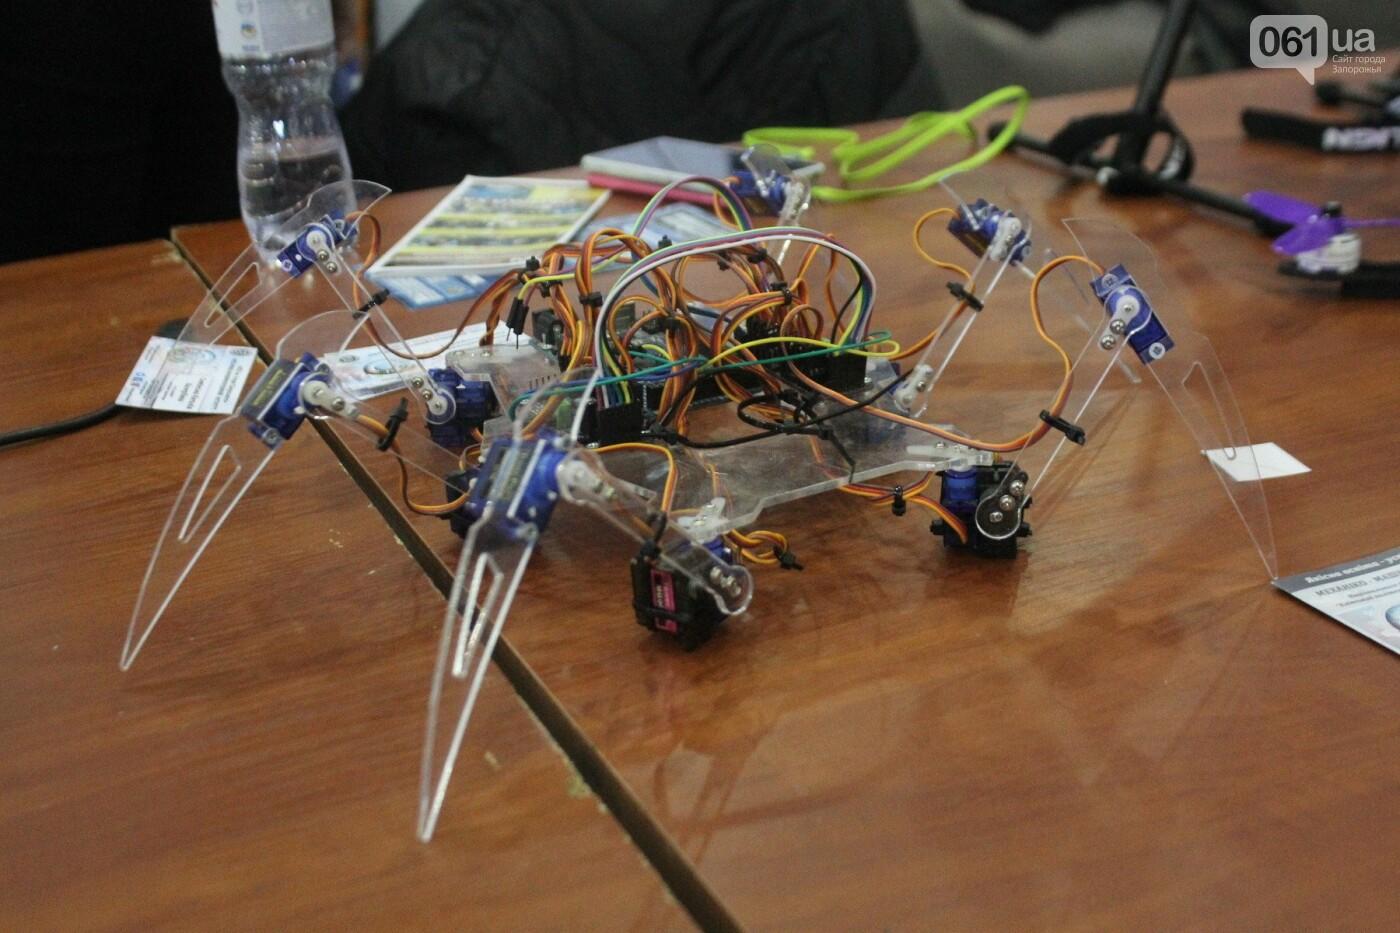 Роботы, киберспорт и спикеры-иностранцы: в Запорожье начался International IT Forum, – ФОТОРЕПОРТАЖ, фото-33